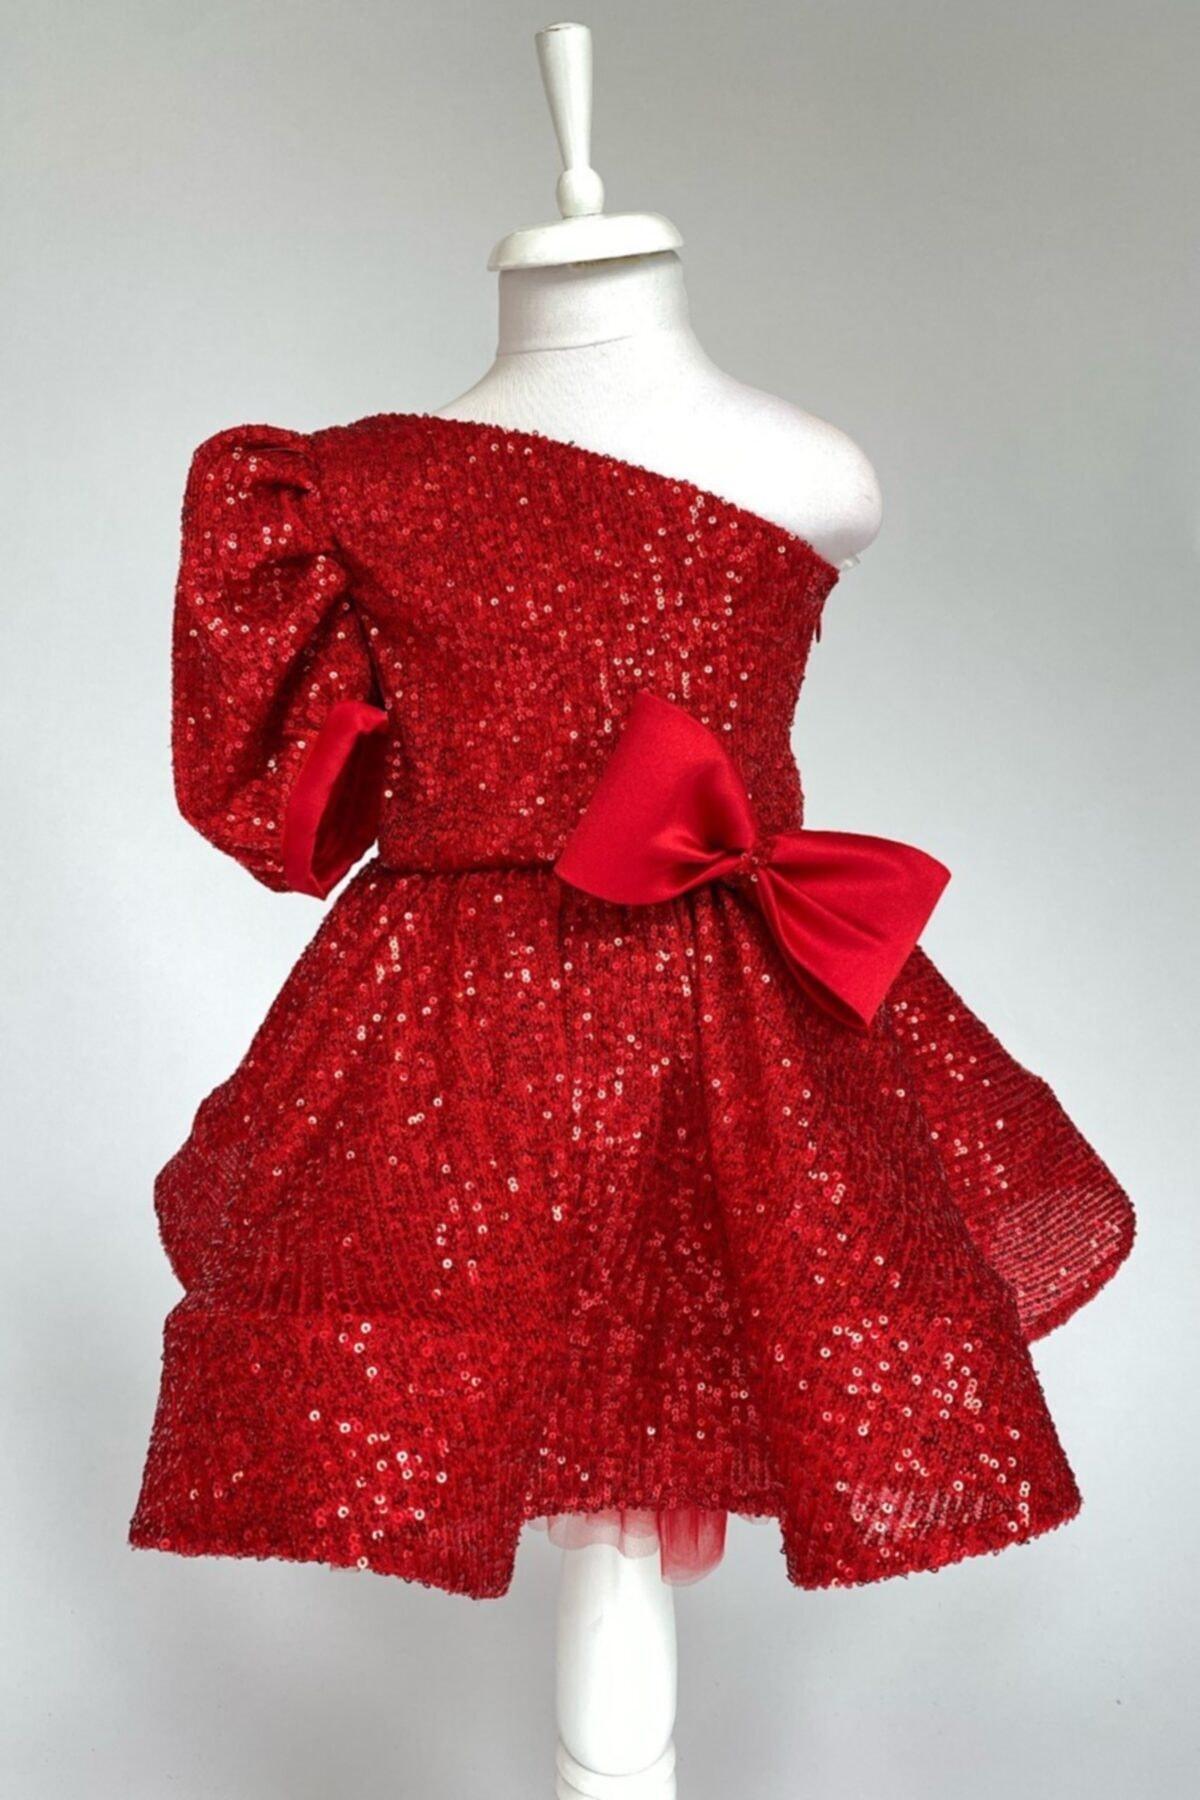 فروش پستی لباس مجلسی دخترانه ترک برند zühre balaban رنگ قرمز ty46113974